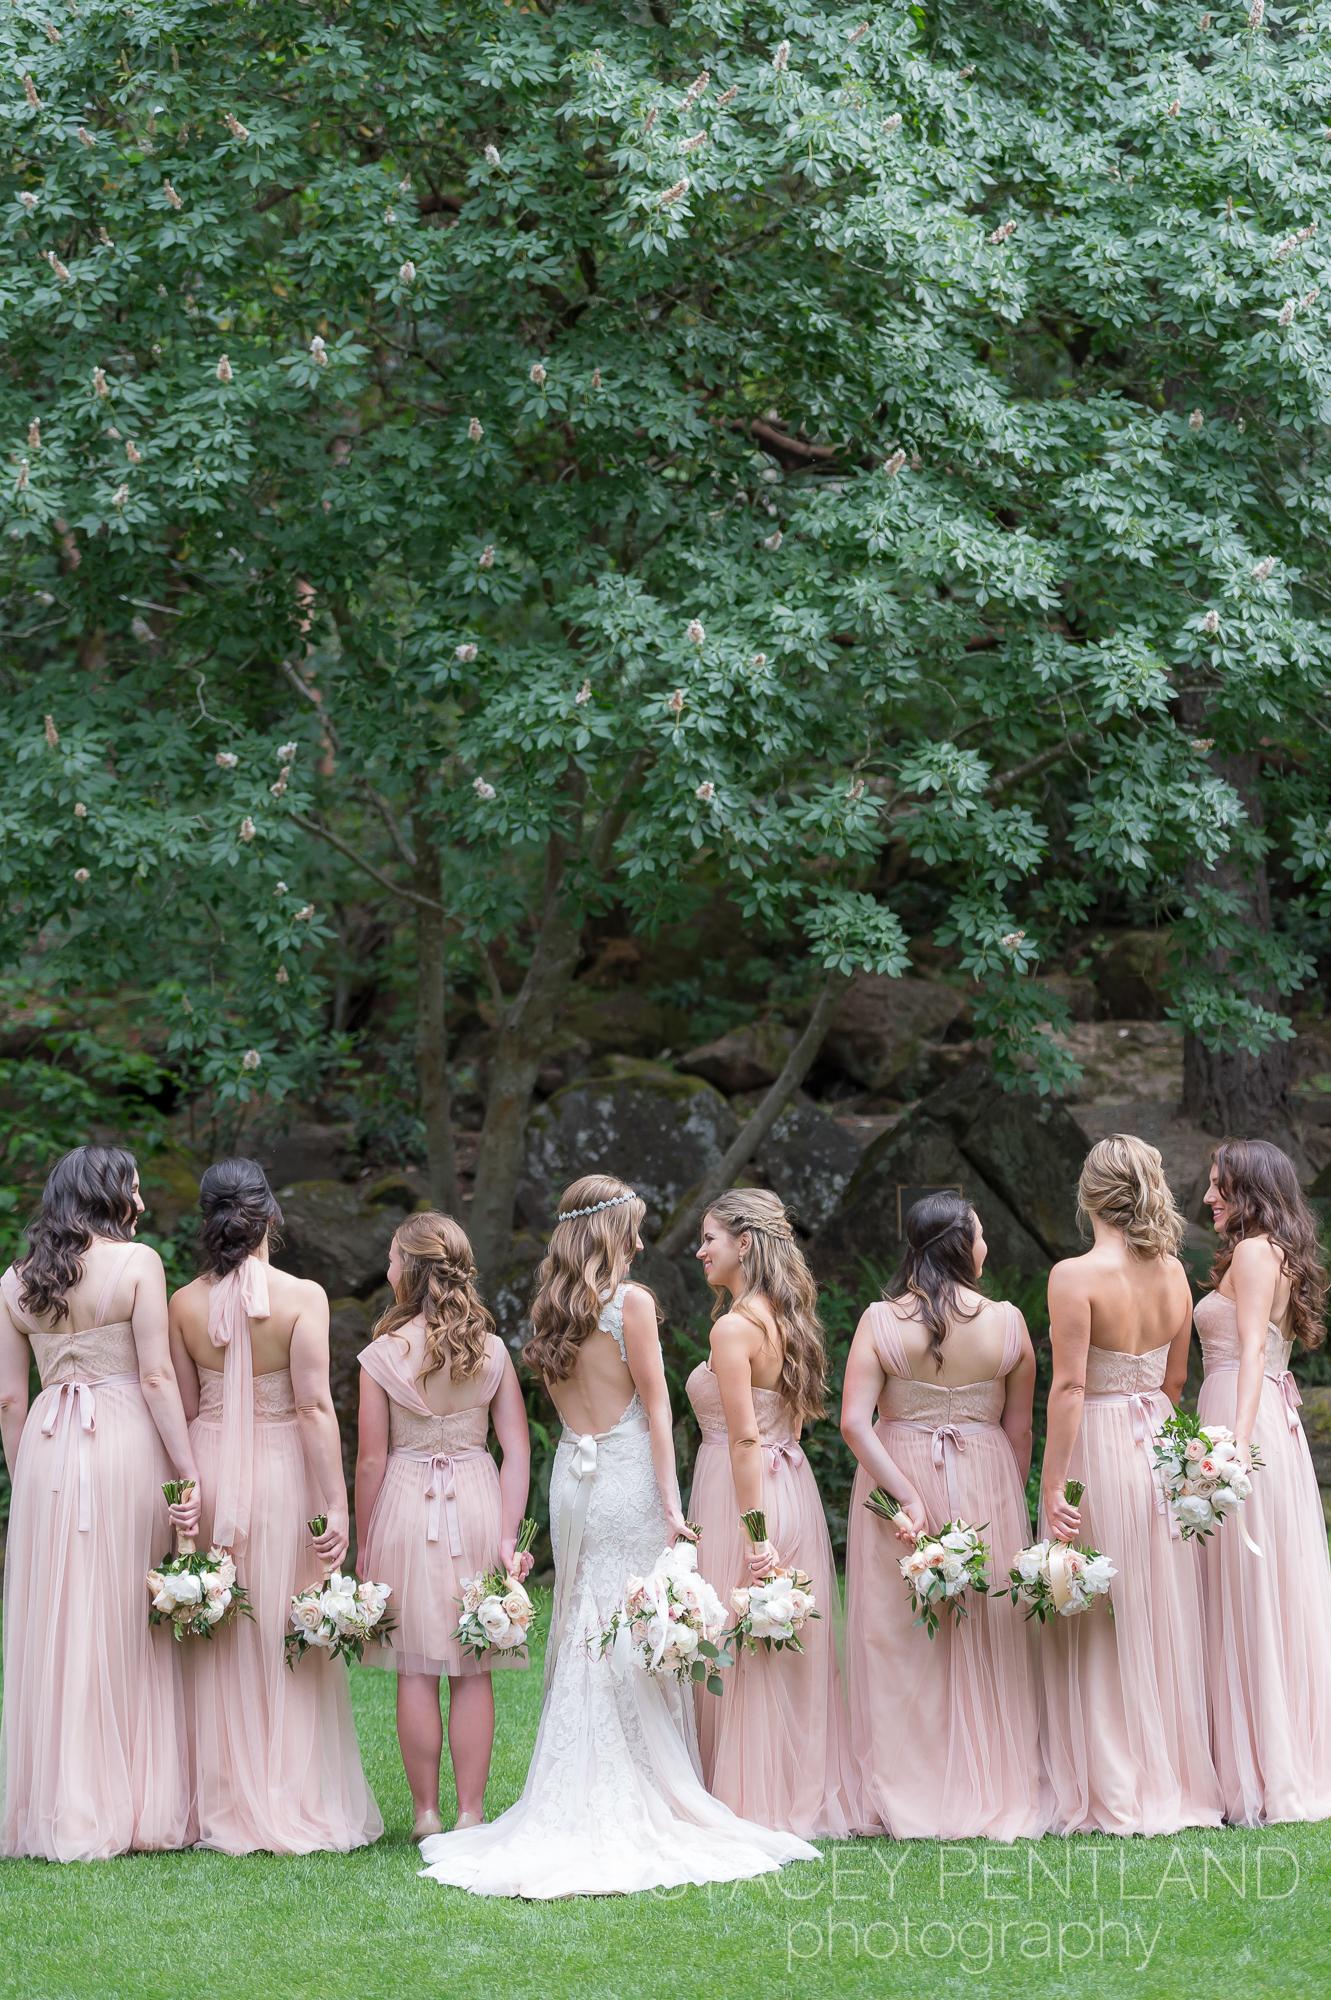 Candice+Ben_wedding_spp_044.jpg